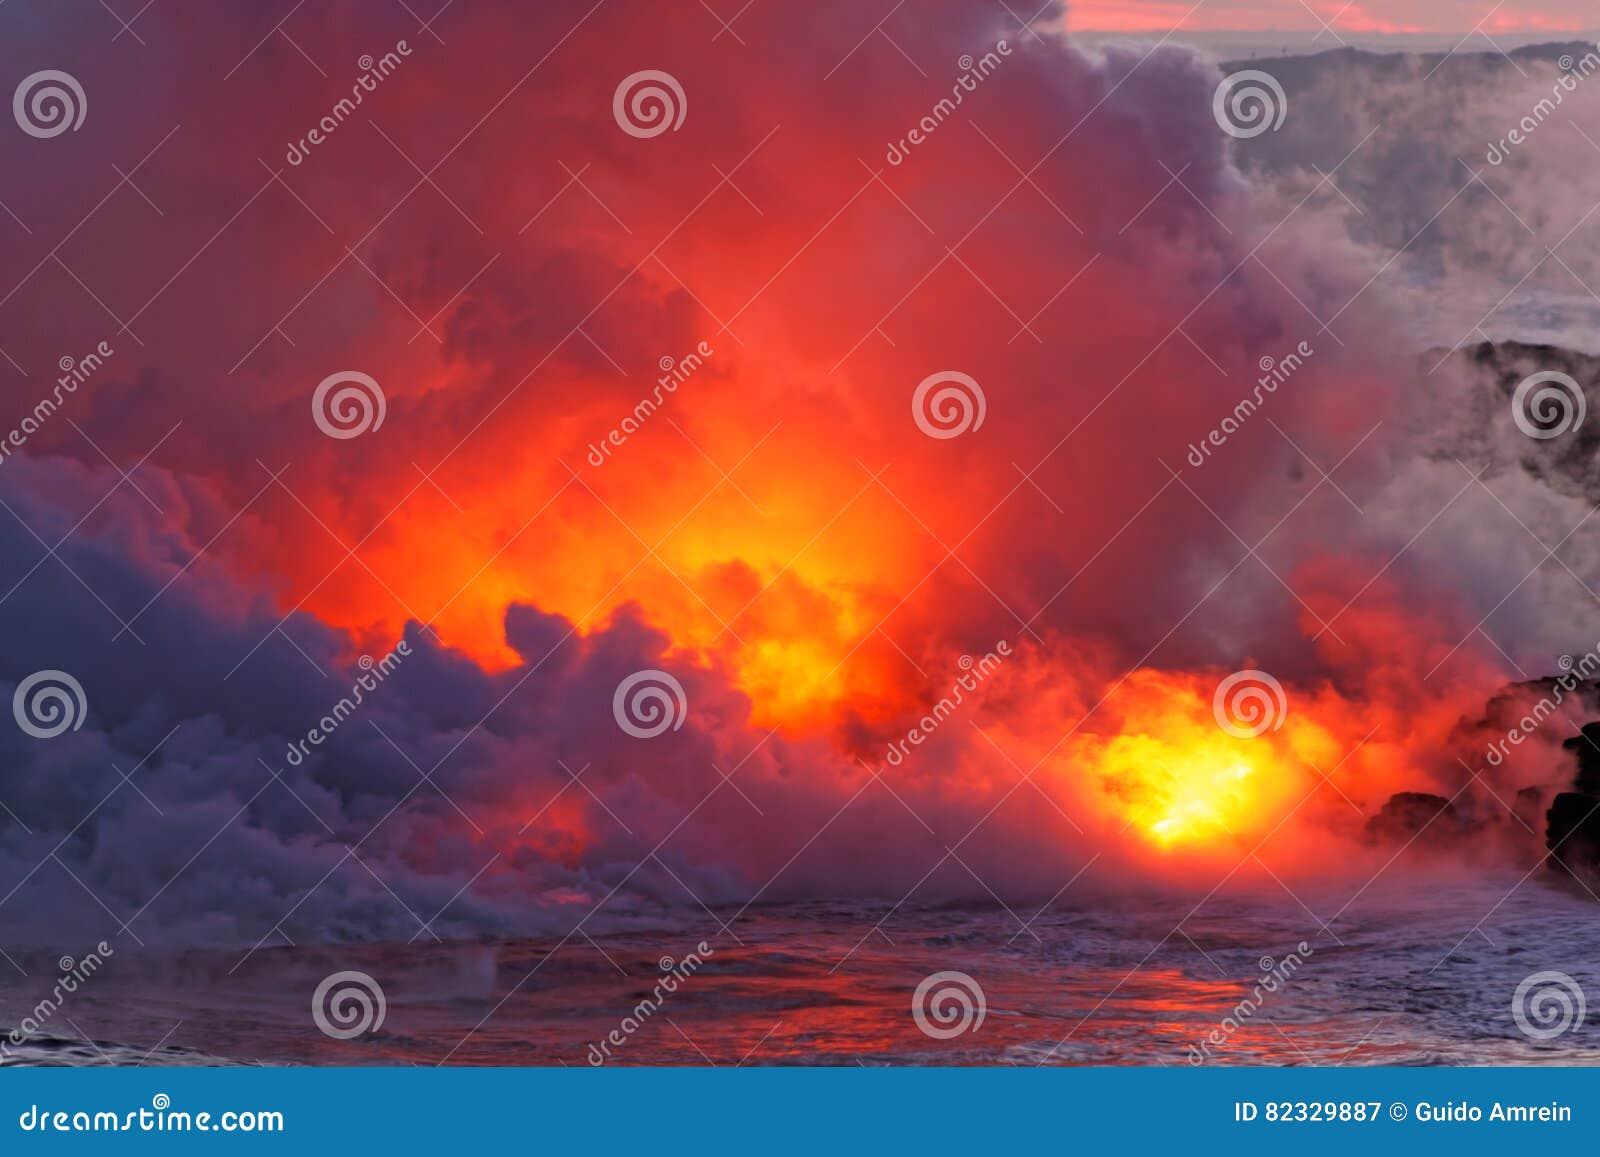 Lava flowing into ocean - Kilauea Volcano, Hawaii